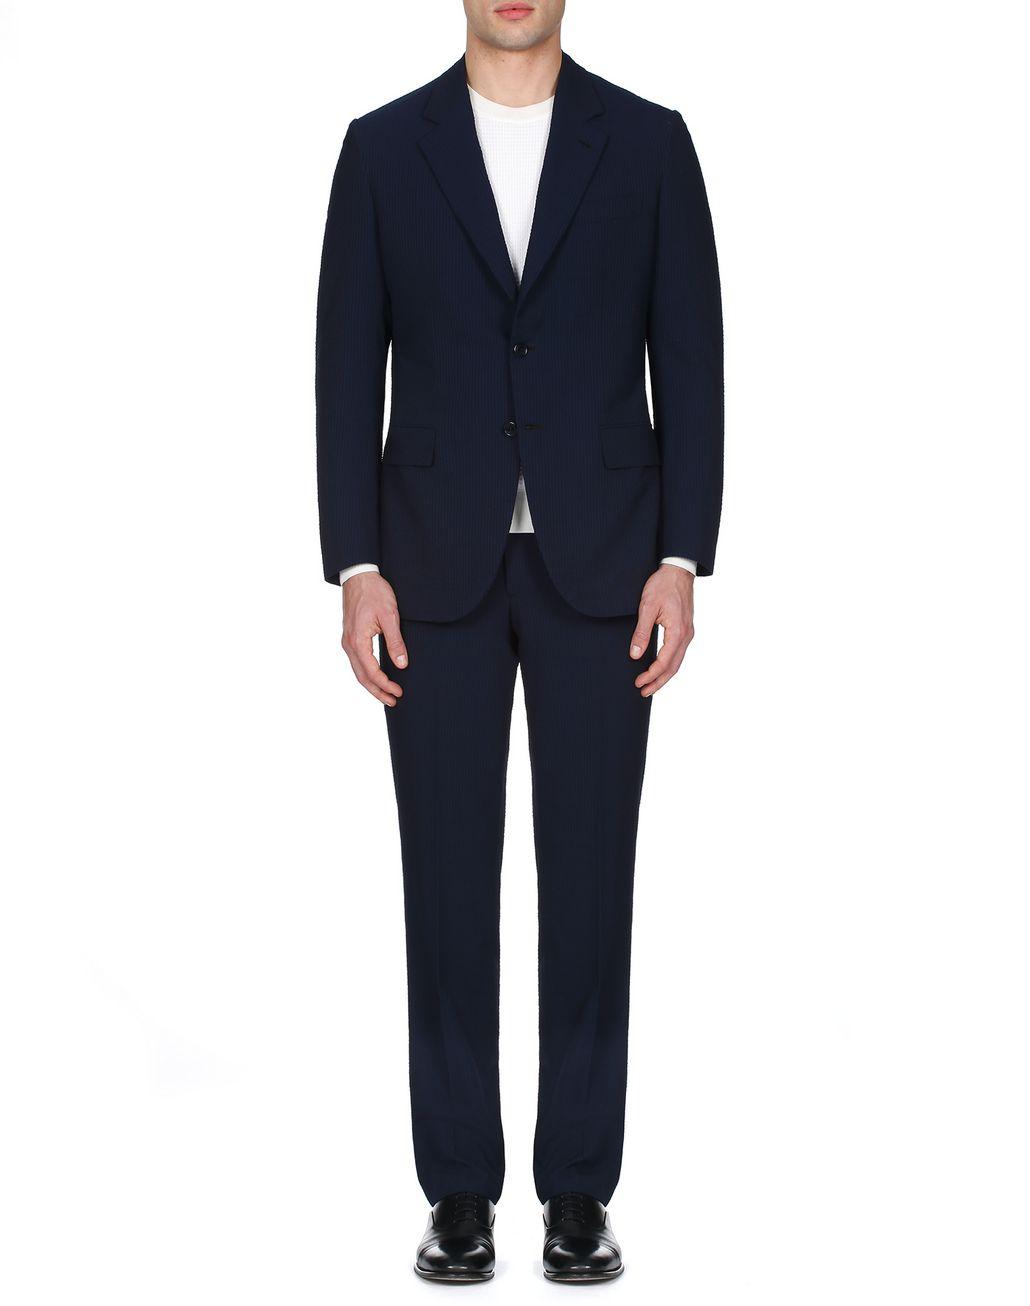 BRIONI Navy Blue Seer Sucker Celio Suit Suits & Jackets Man r